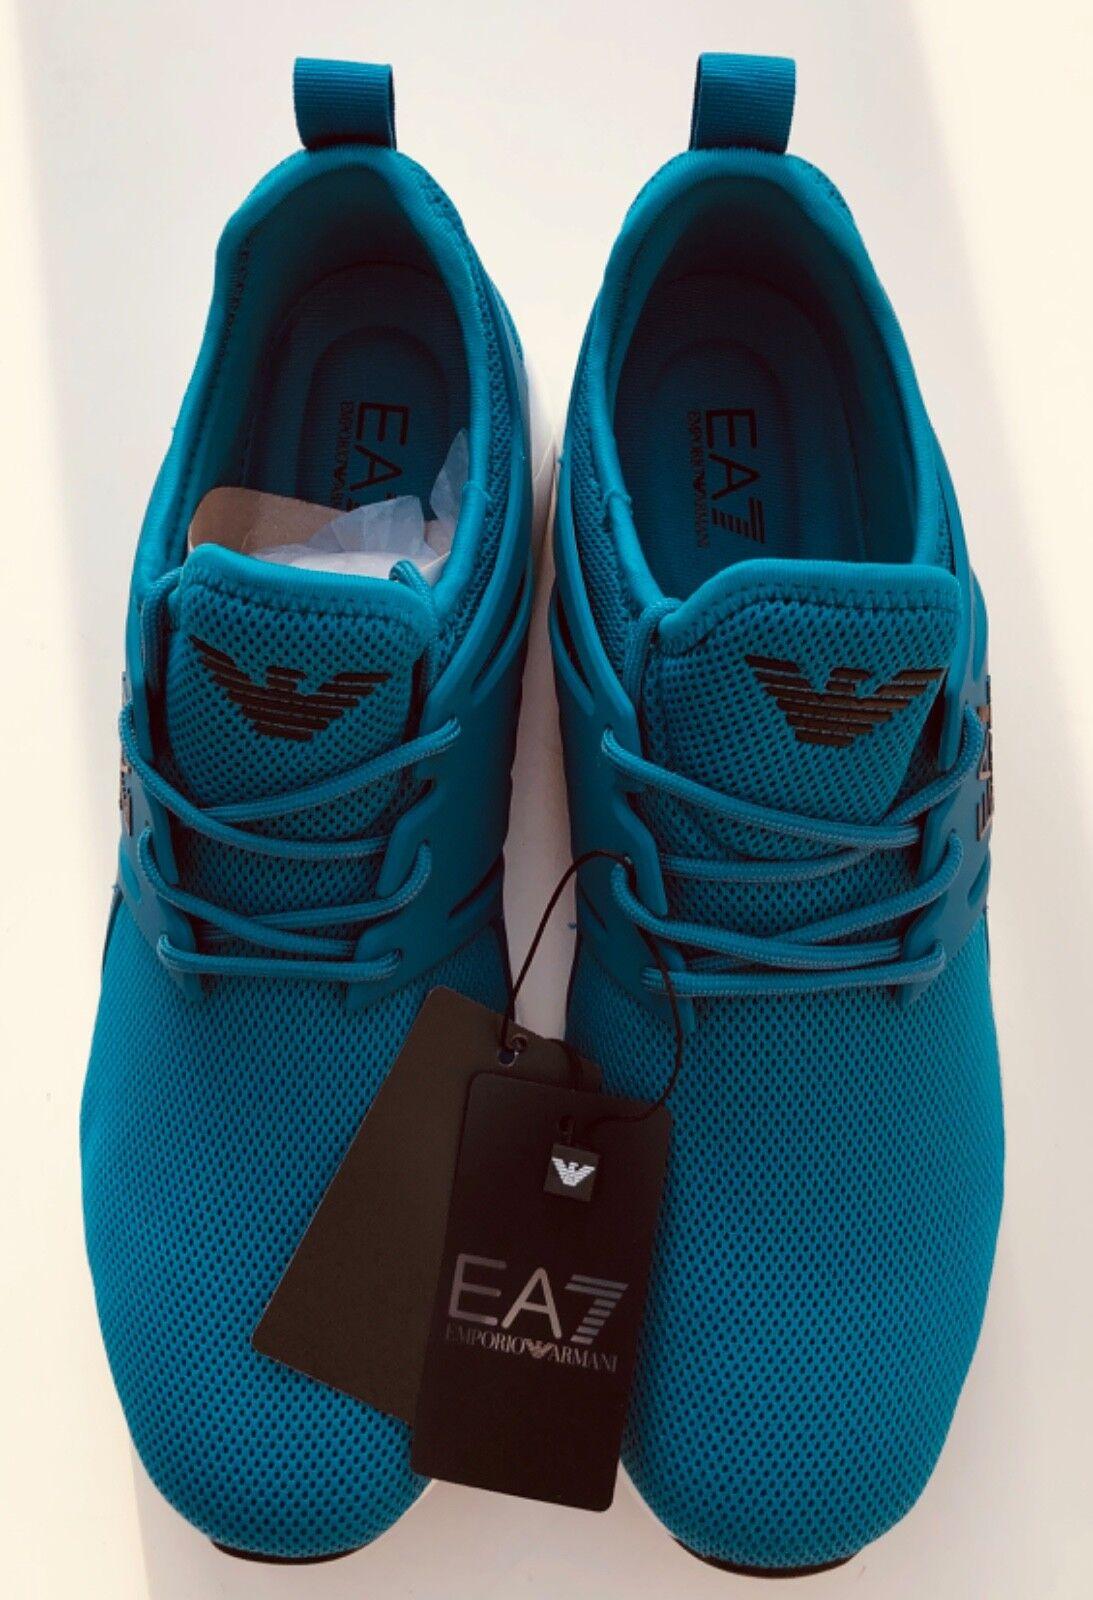 EMPORIO ARMANI EA7 turchese Scarpe Scarpe Scarpe da ginnastica Scarpe Da Ginnastica Grande Logo NUOVO CON ETICHETTA BOX 4b1636